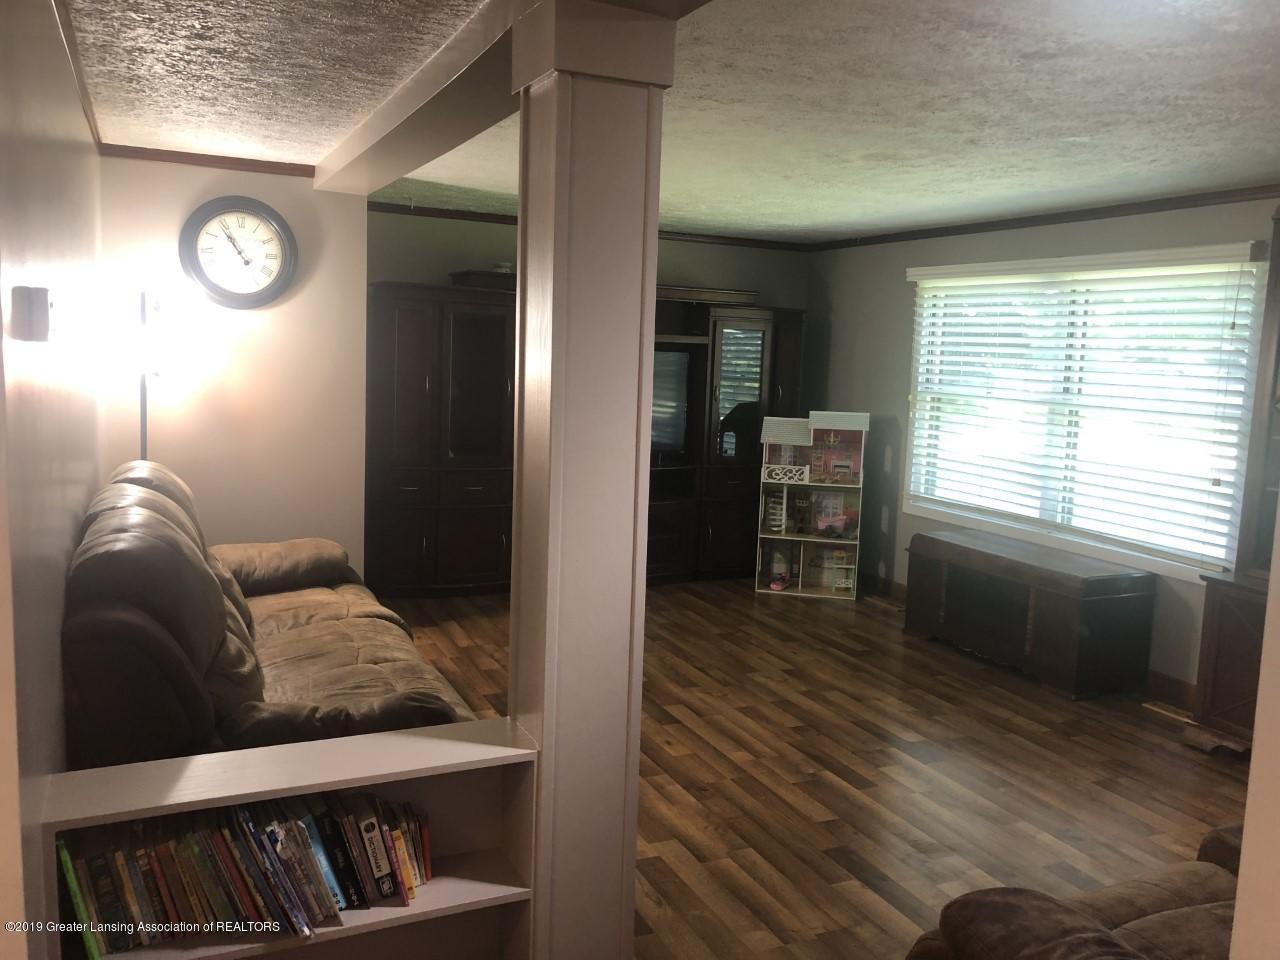 13185 Beardslee Rd - livingroom pic 2 - 2